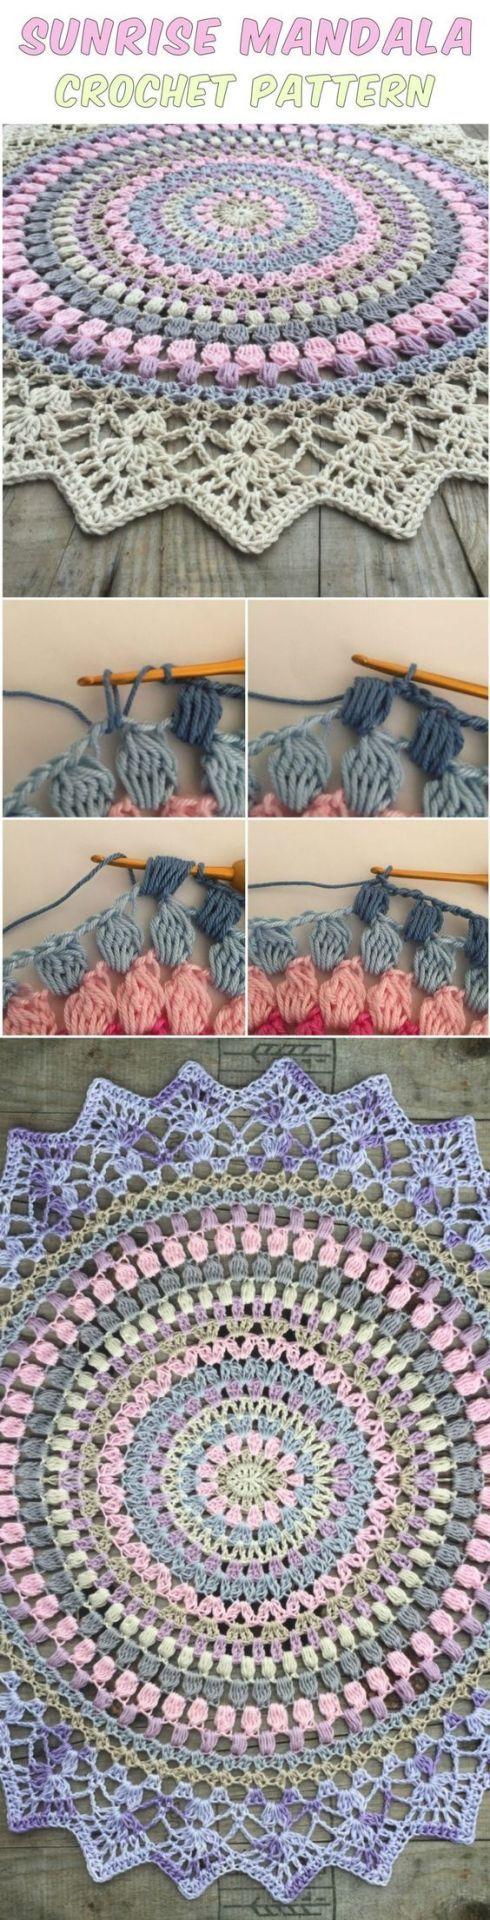 Sunrise Mandala Teppich Häkeln Häkelinspirationen Pinterest